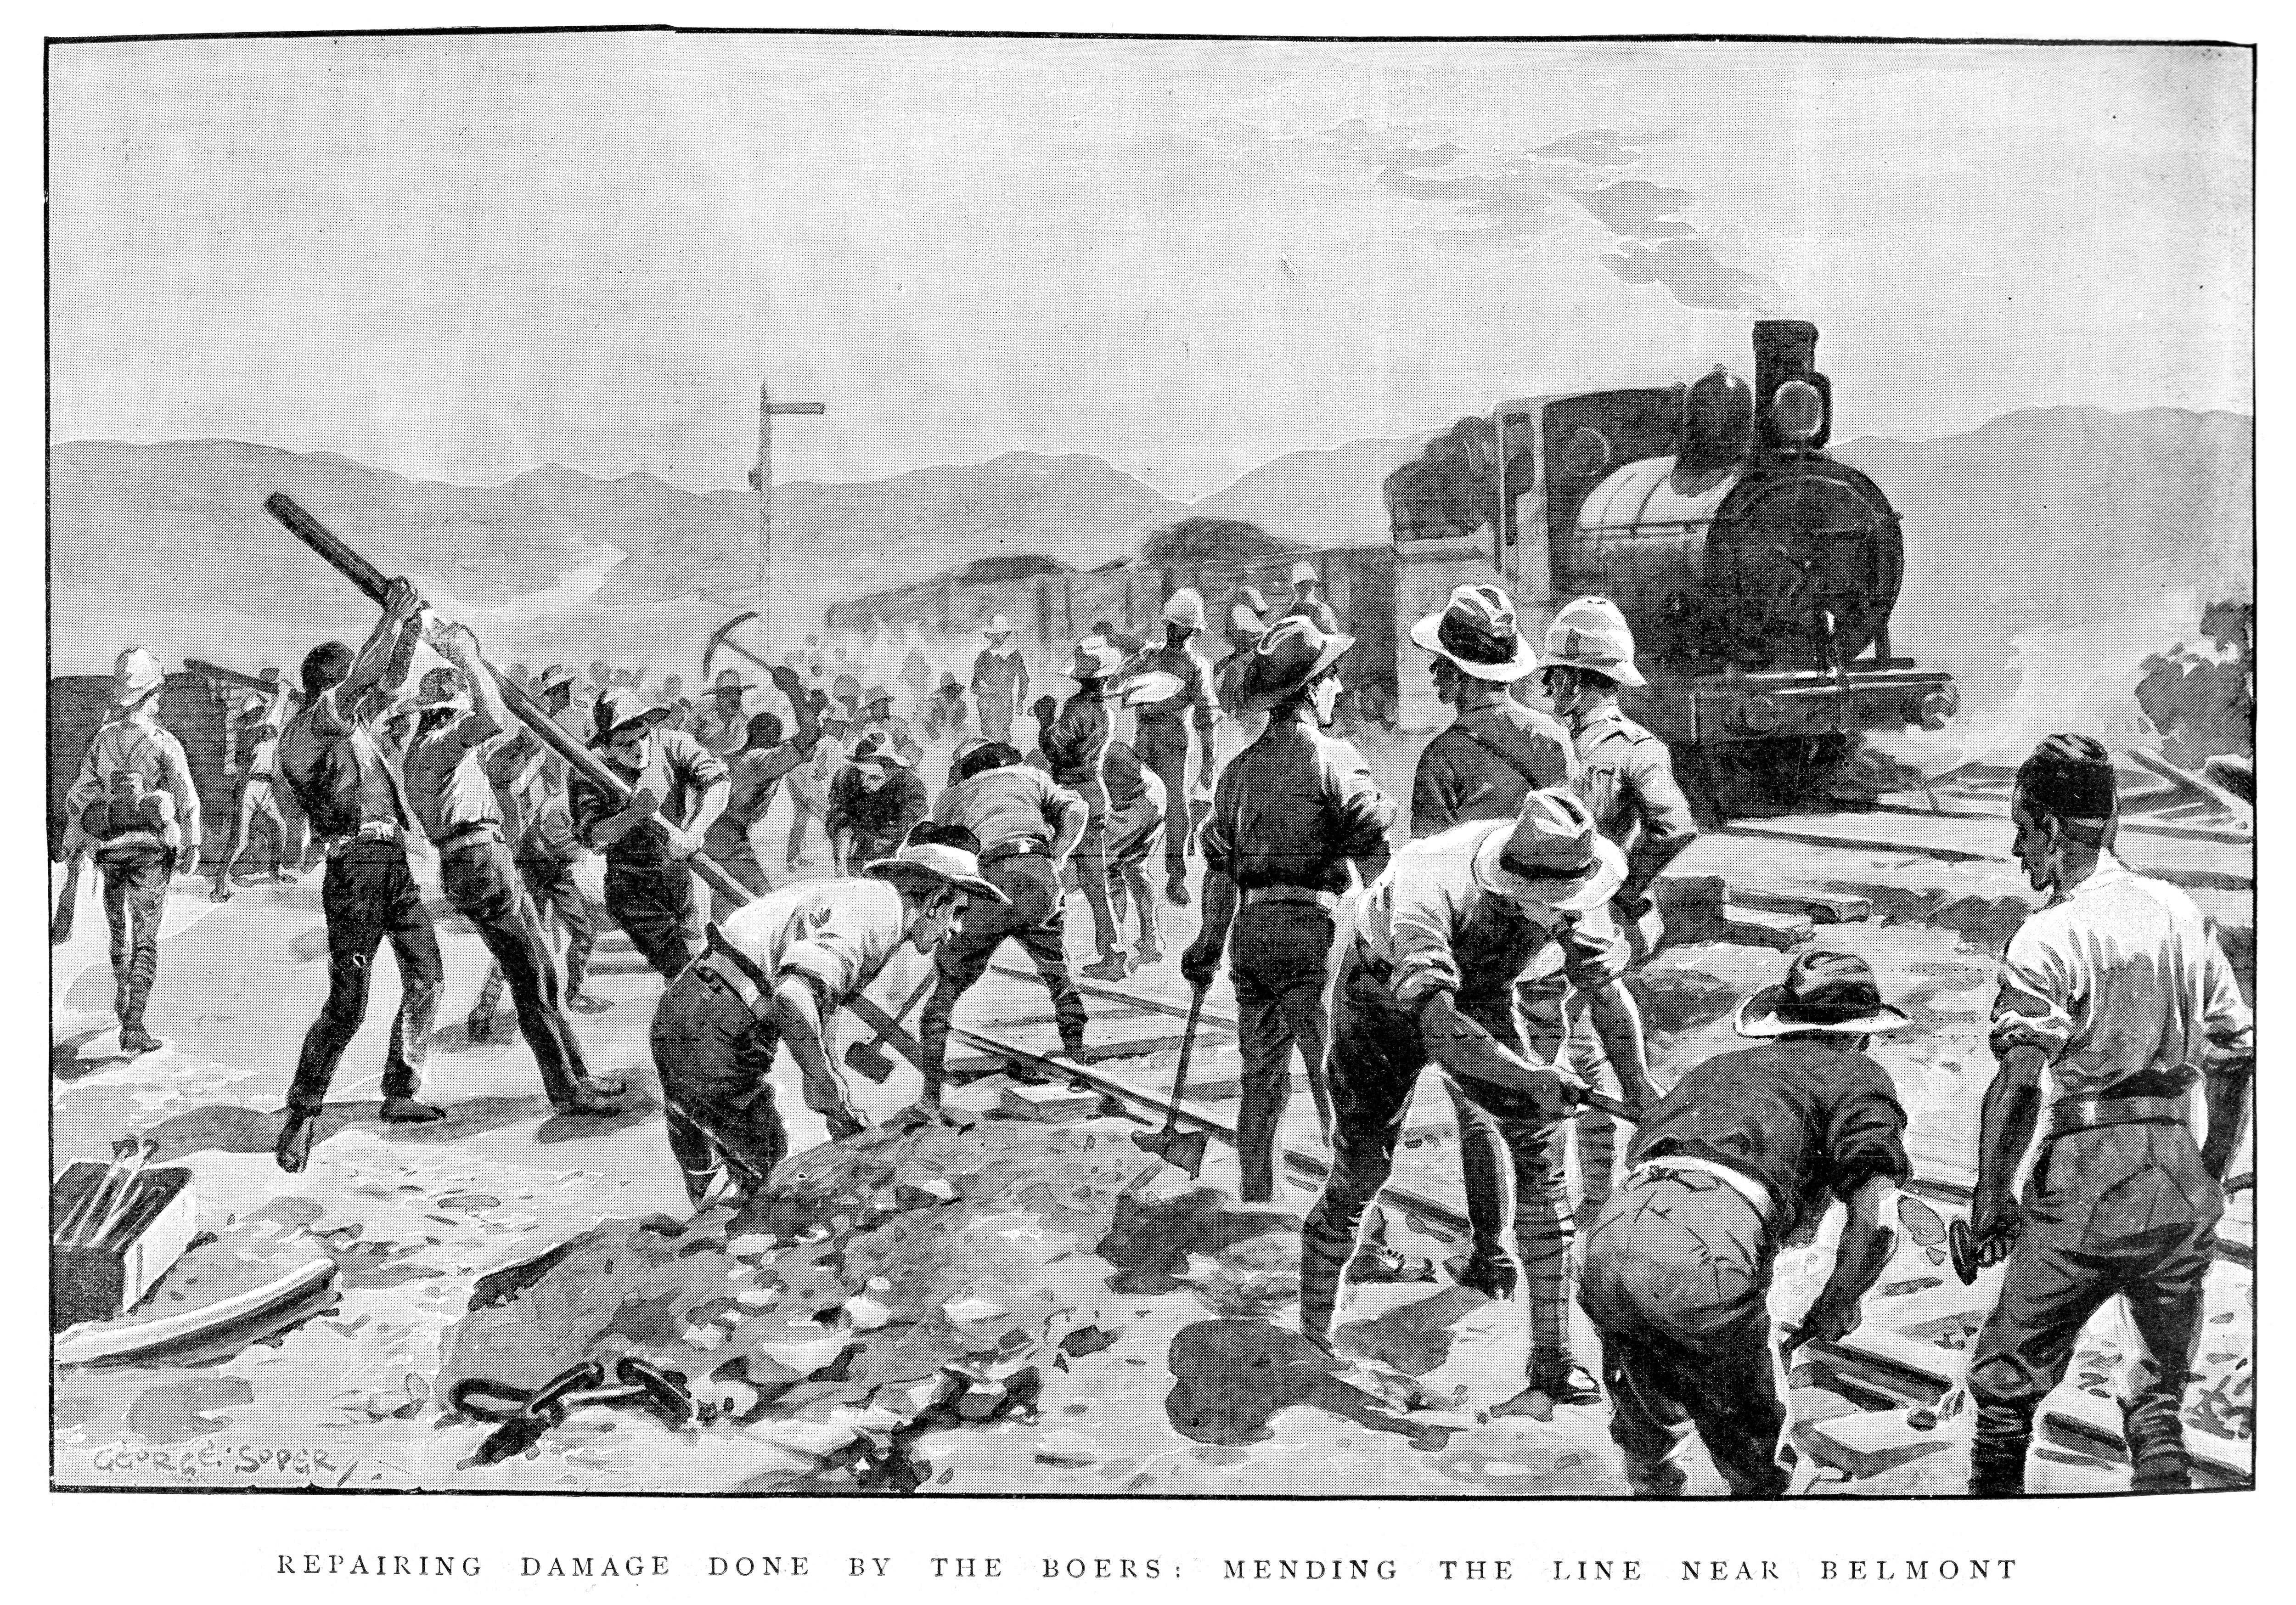 الوافدون الهولنديون حوّلوا الآلاف من الأفارقة الى عبيد بداية من القرن 17